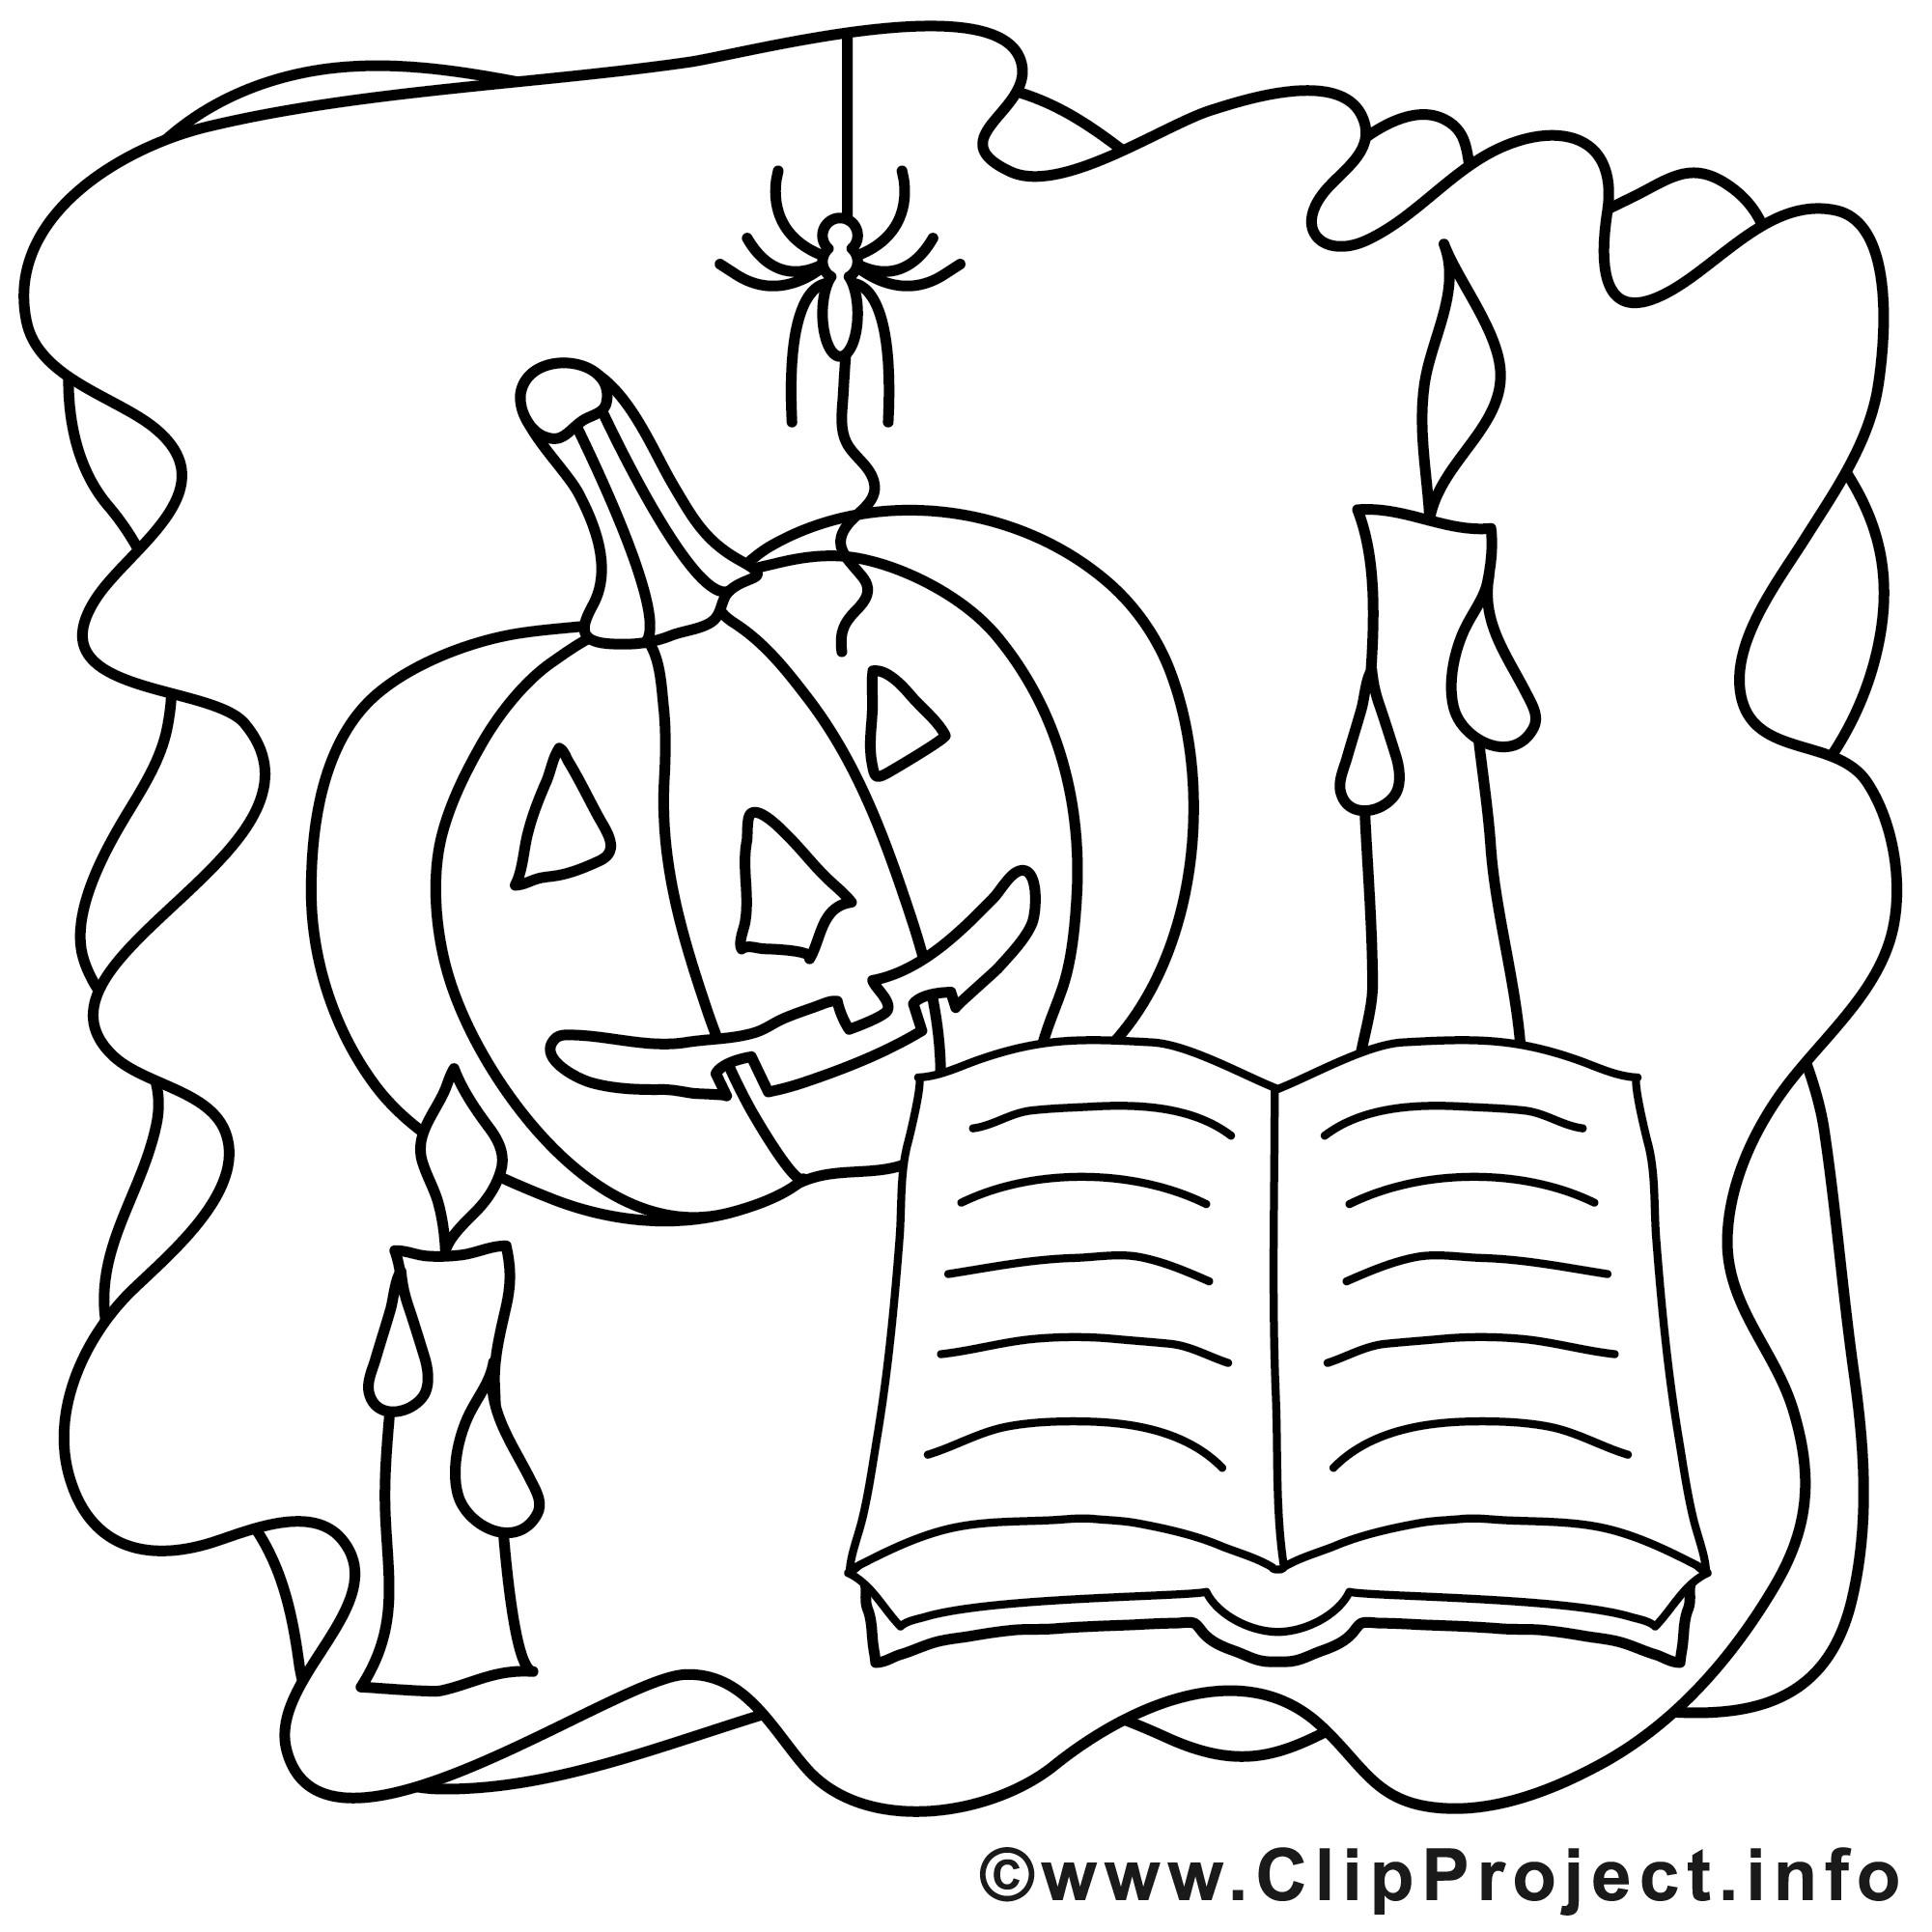 Malvorlagen Bilder  Halloween Bilder zum Ausmalen kostenlos